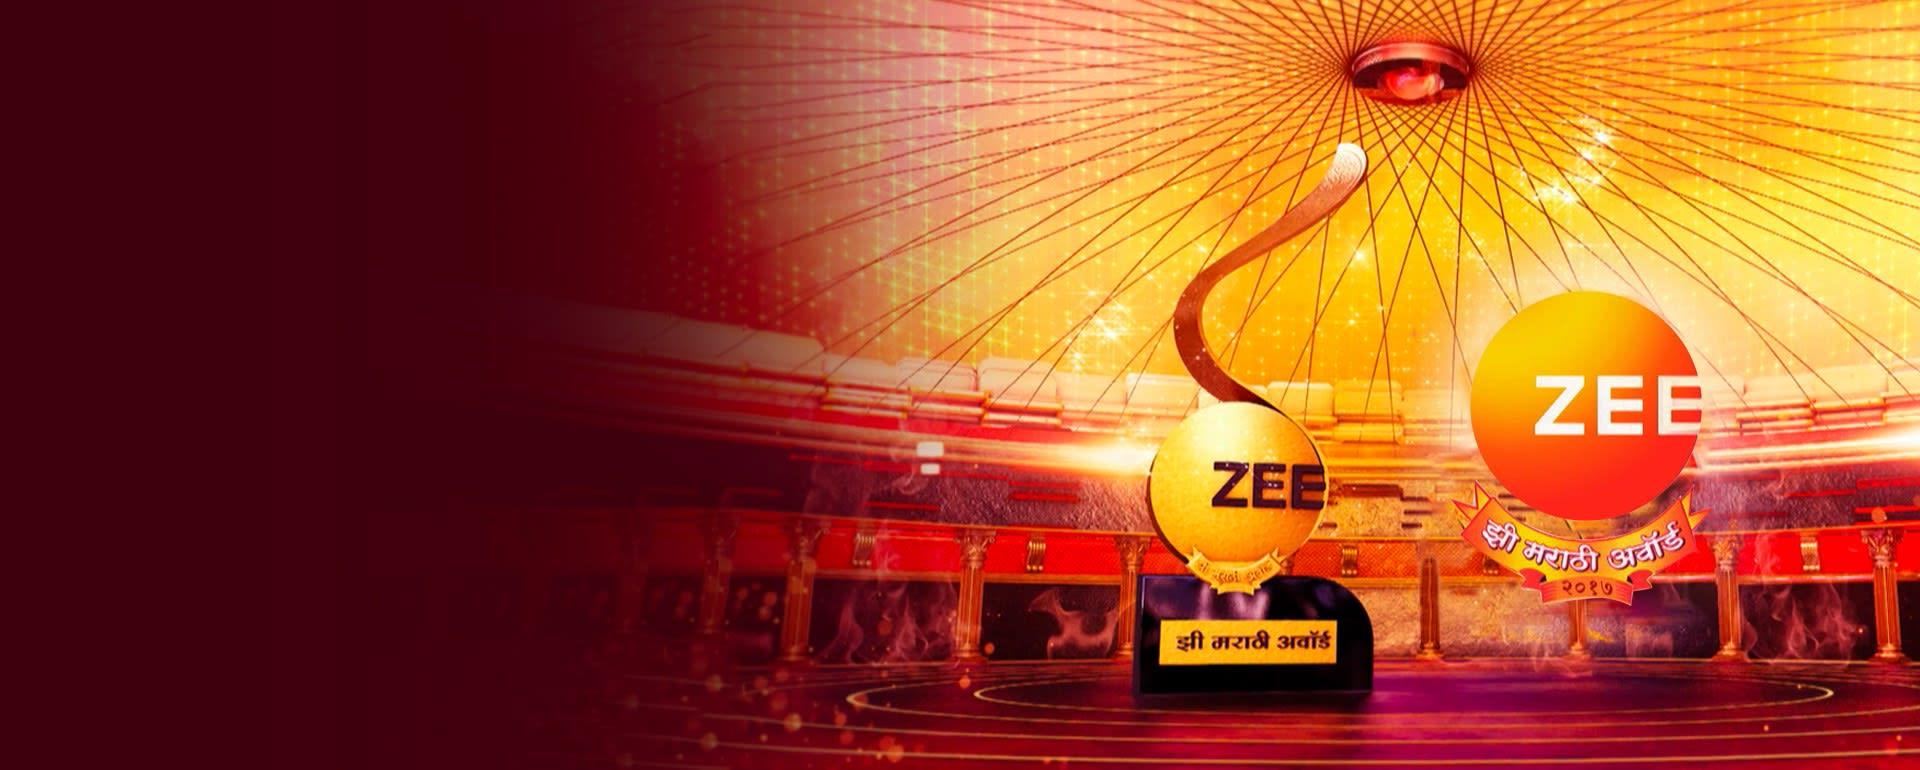 Zee Marathi Awards 2017